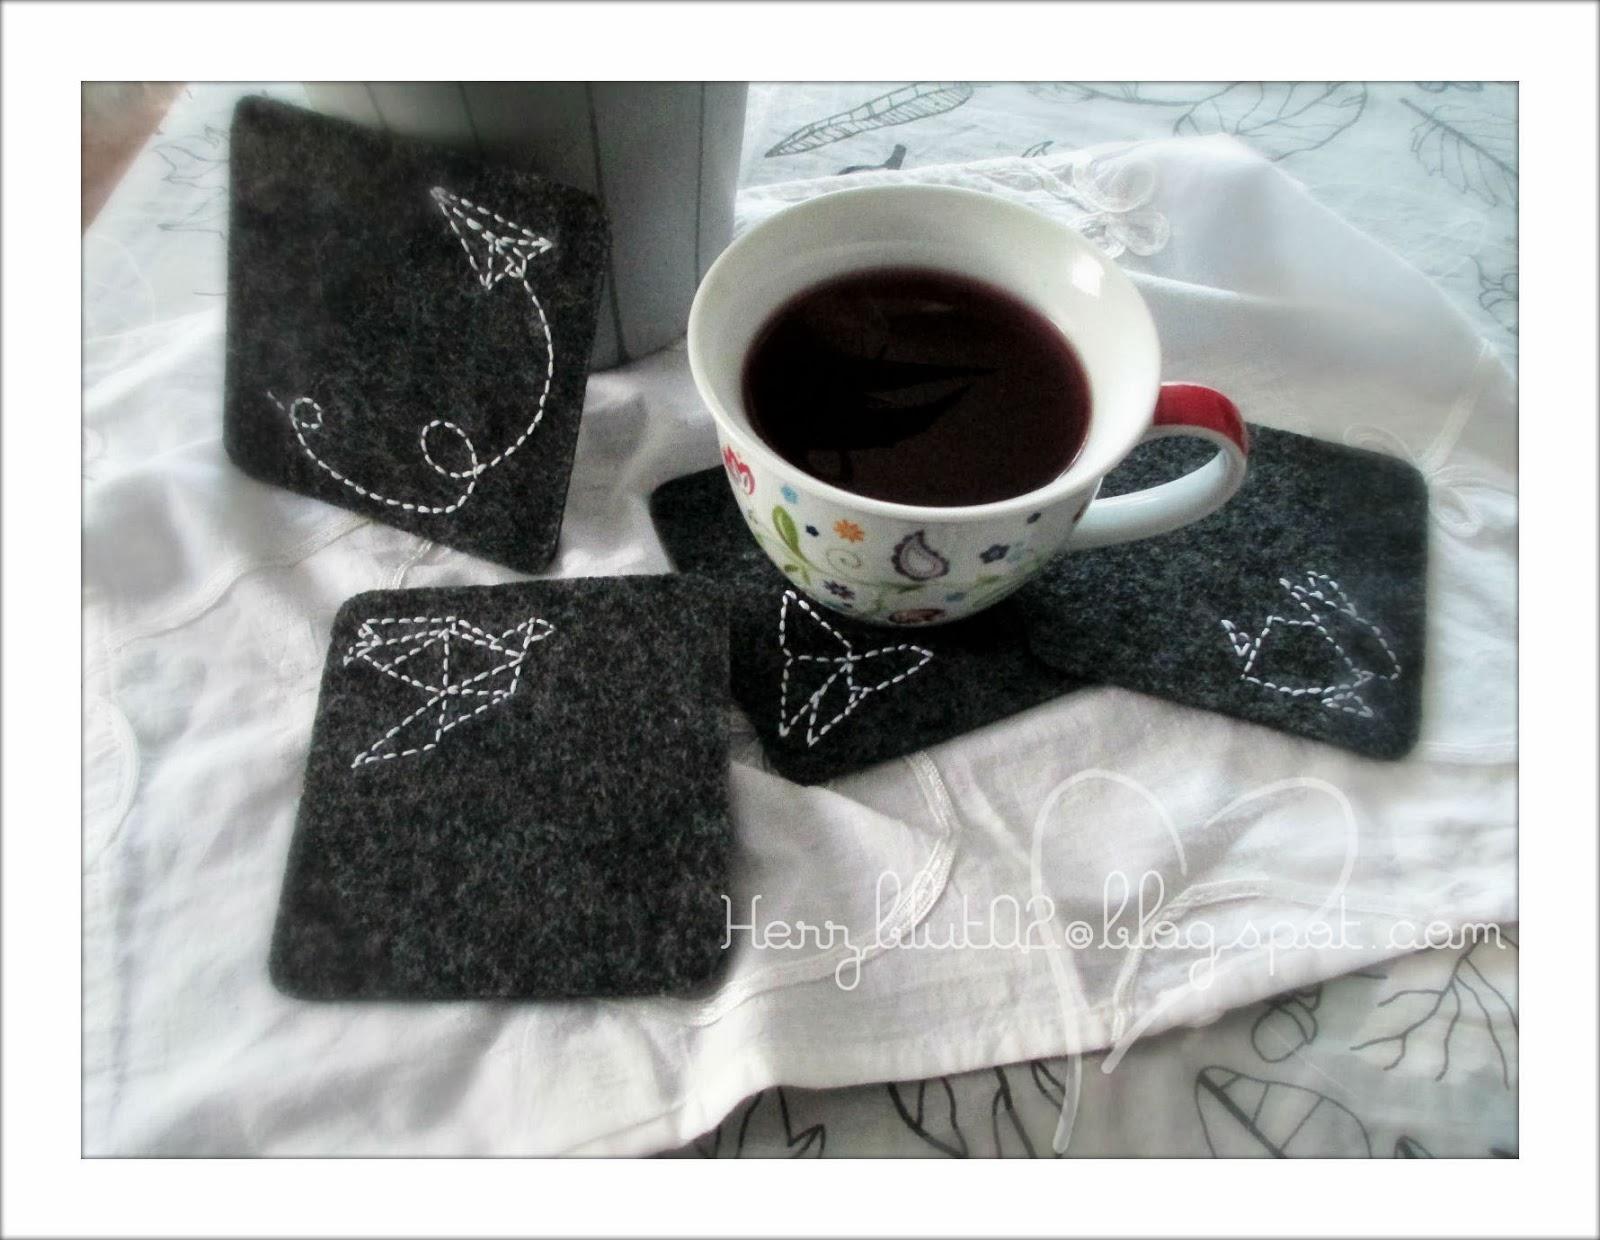 herzblut ein diy blog mugrug mit origami stickerei. Black Bedroom Furniture Sets. Home Design Ideas